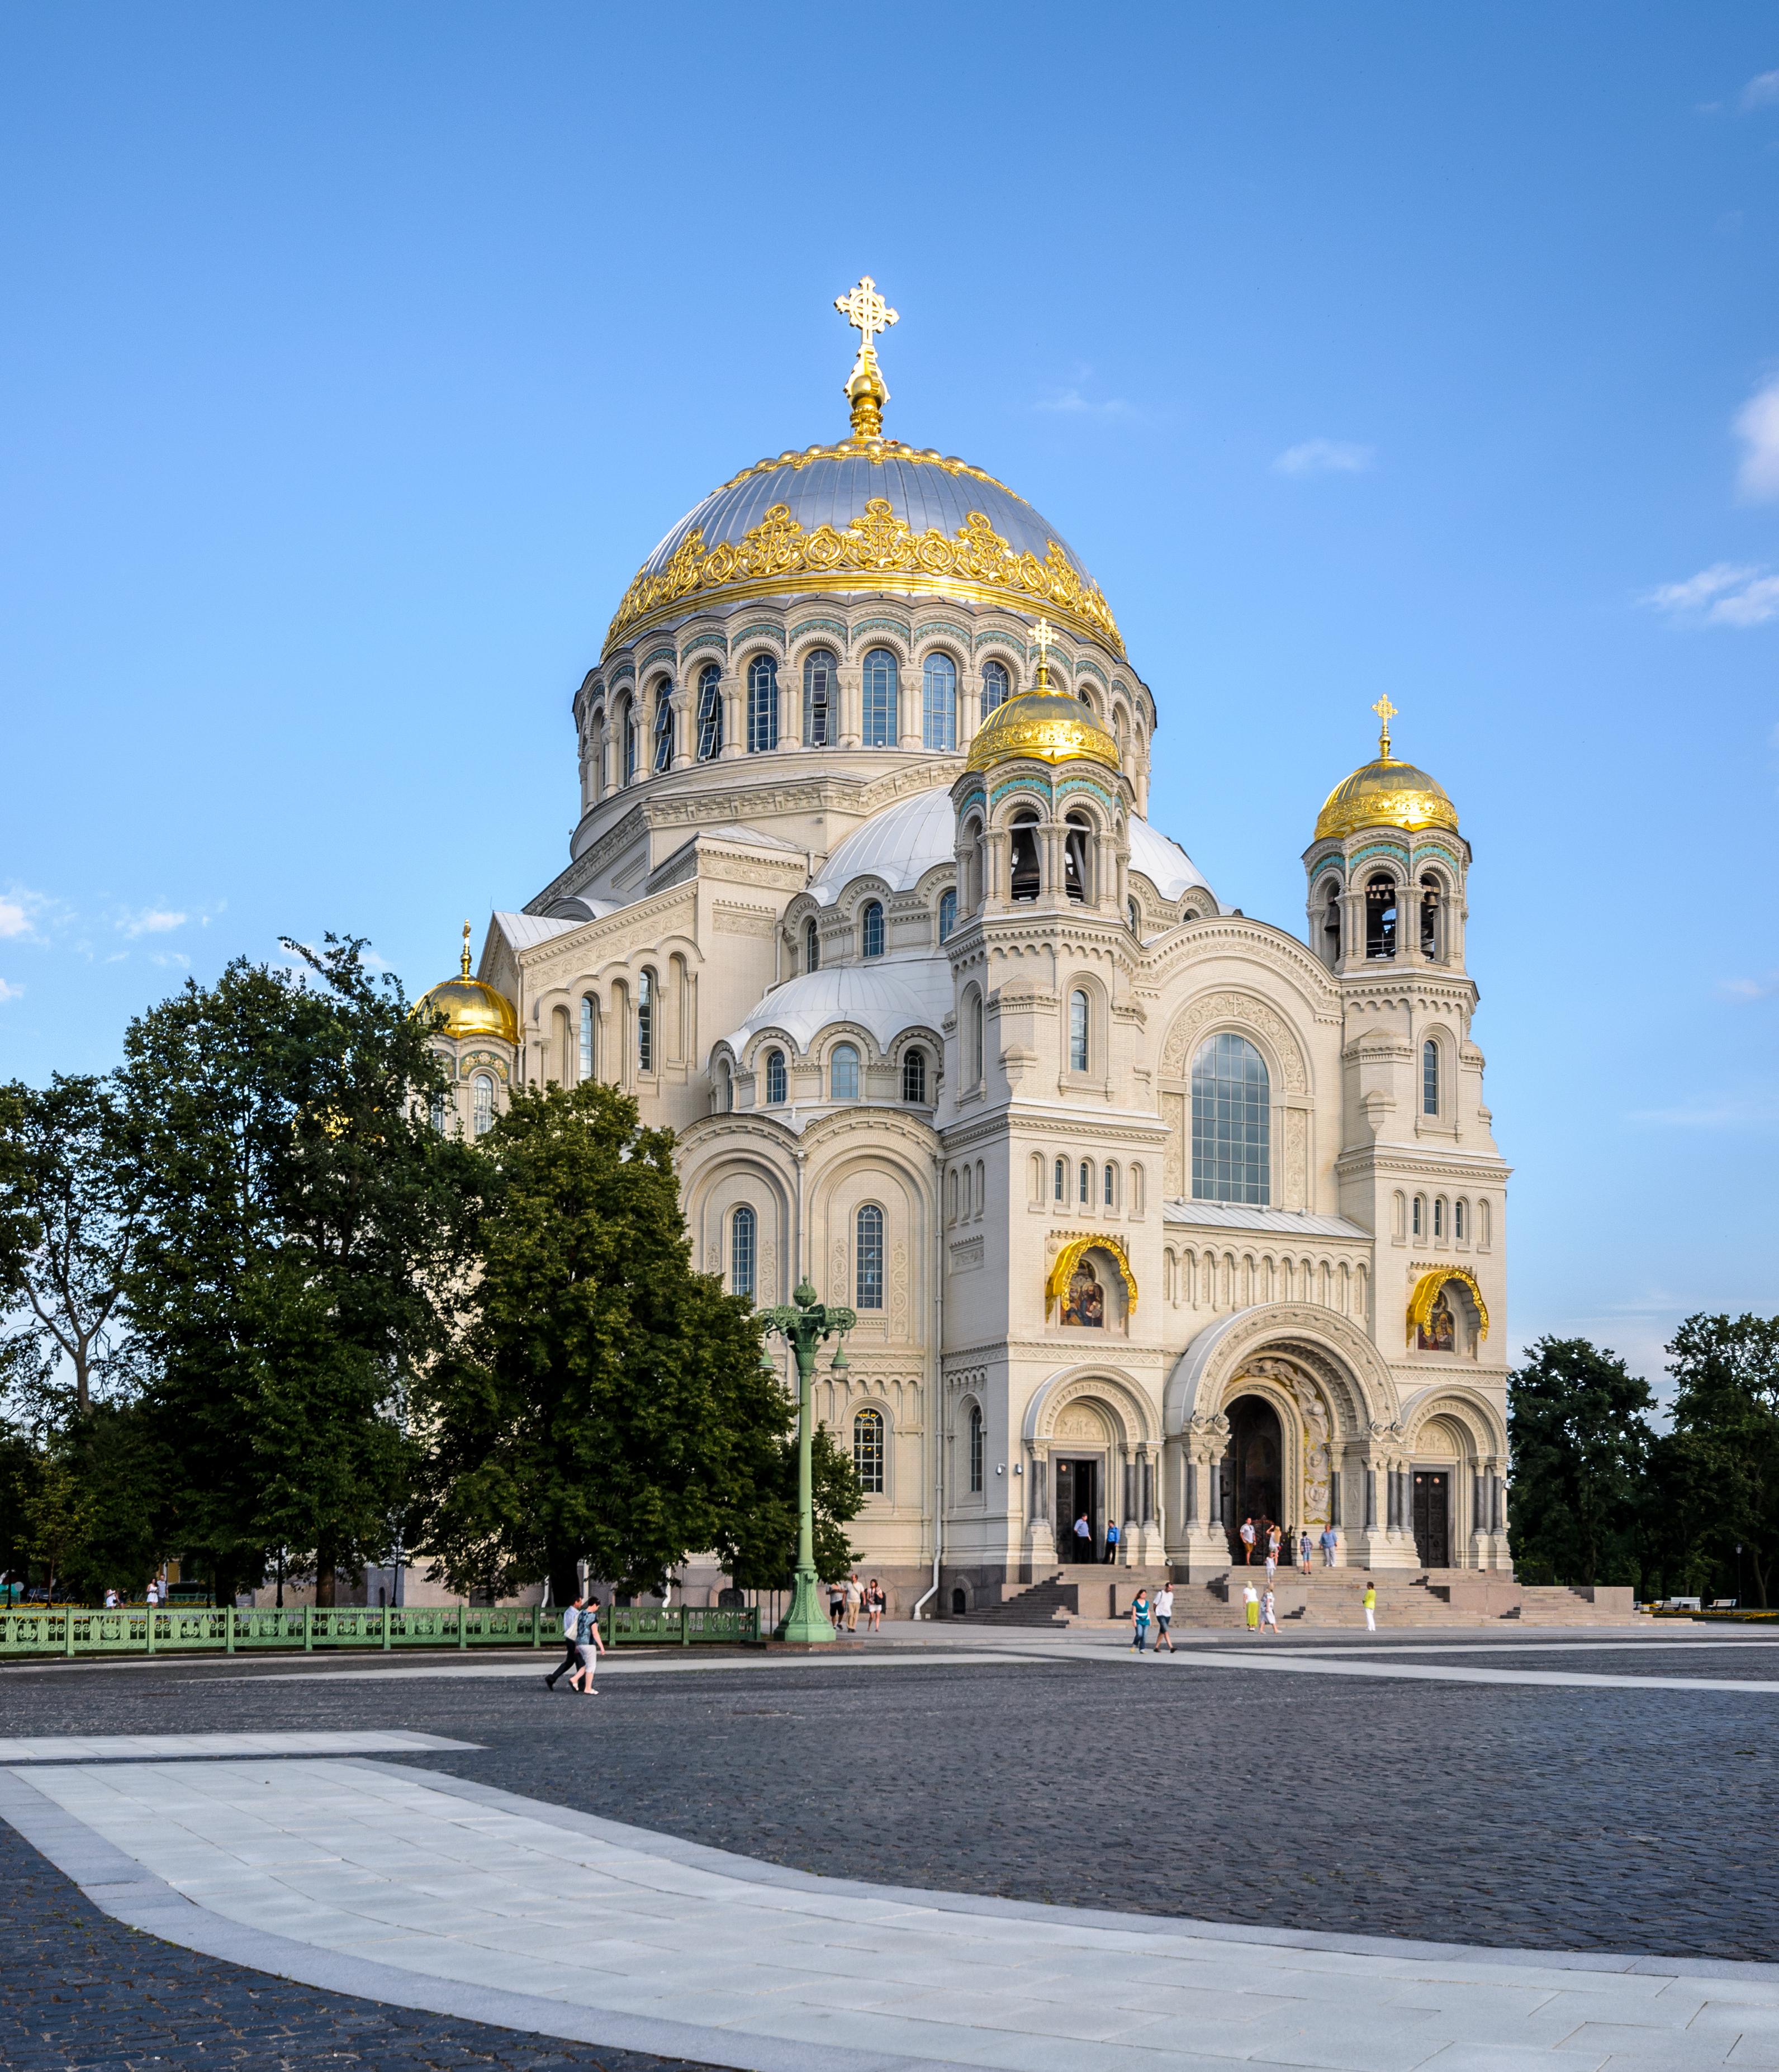 Ο ναός του Αγίου Νικολάου στο νησάκι/αυτοδιοικητική περιοχή Κροστάνδη της Αγίας Πετρούπολης (πηγή: Wikimedia)